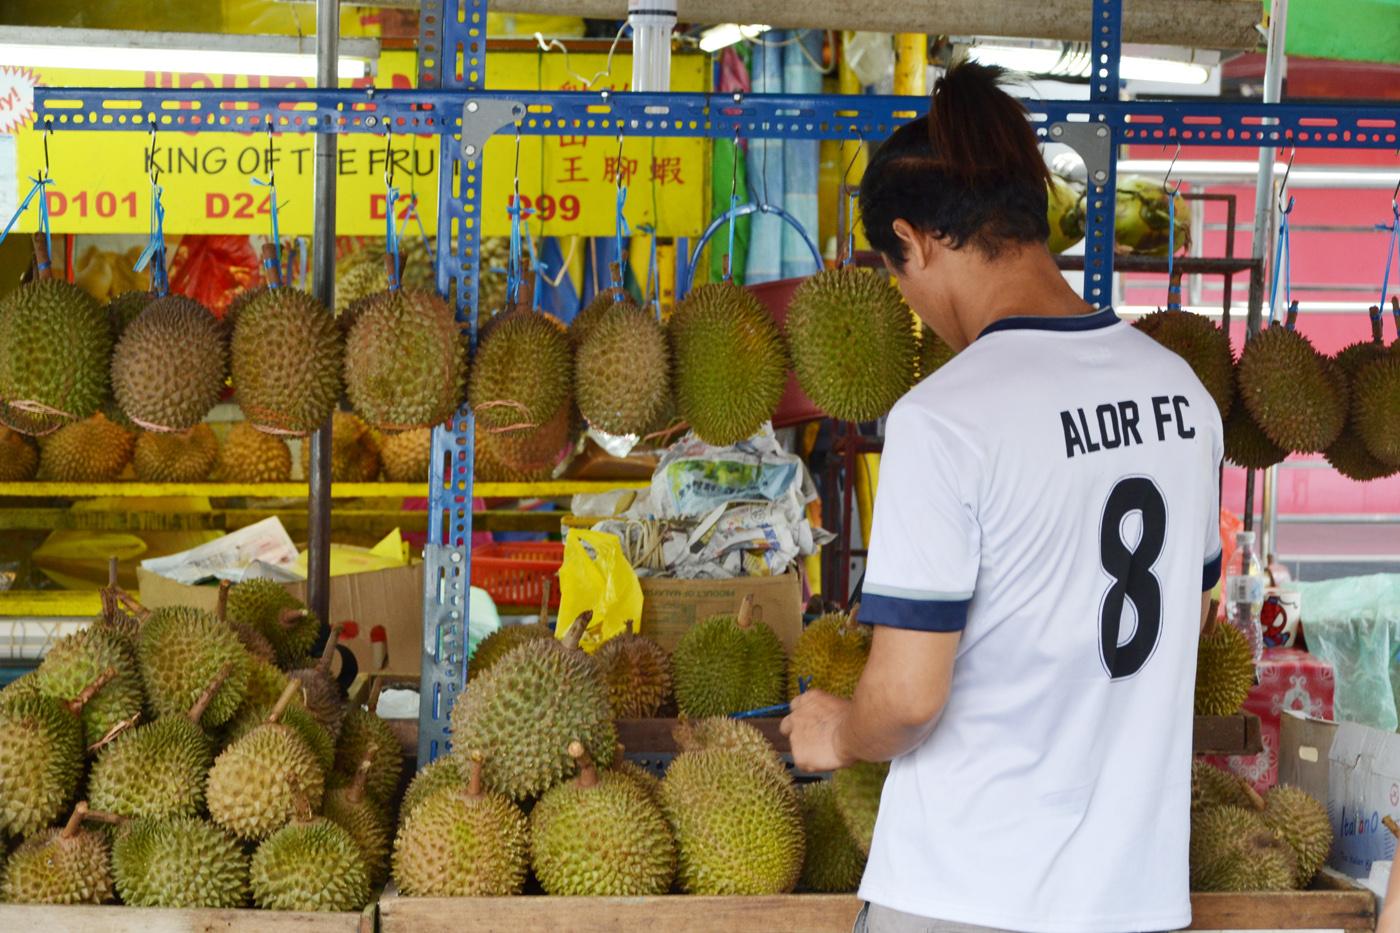 What-to-do-in-Kuala-Lumpur-gucki-market-dorian